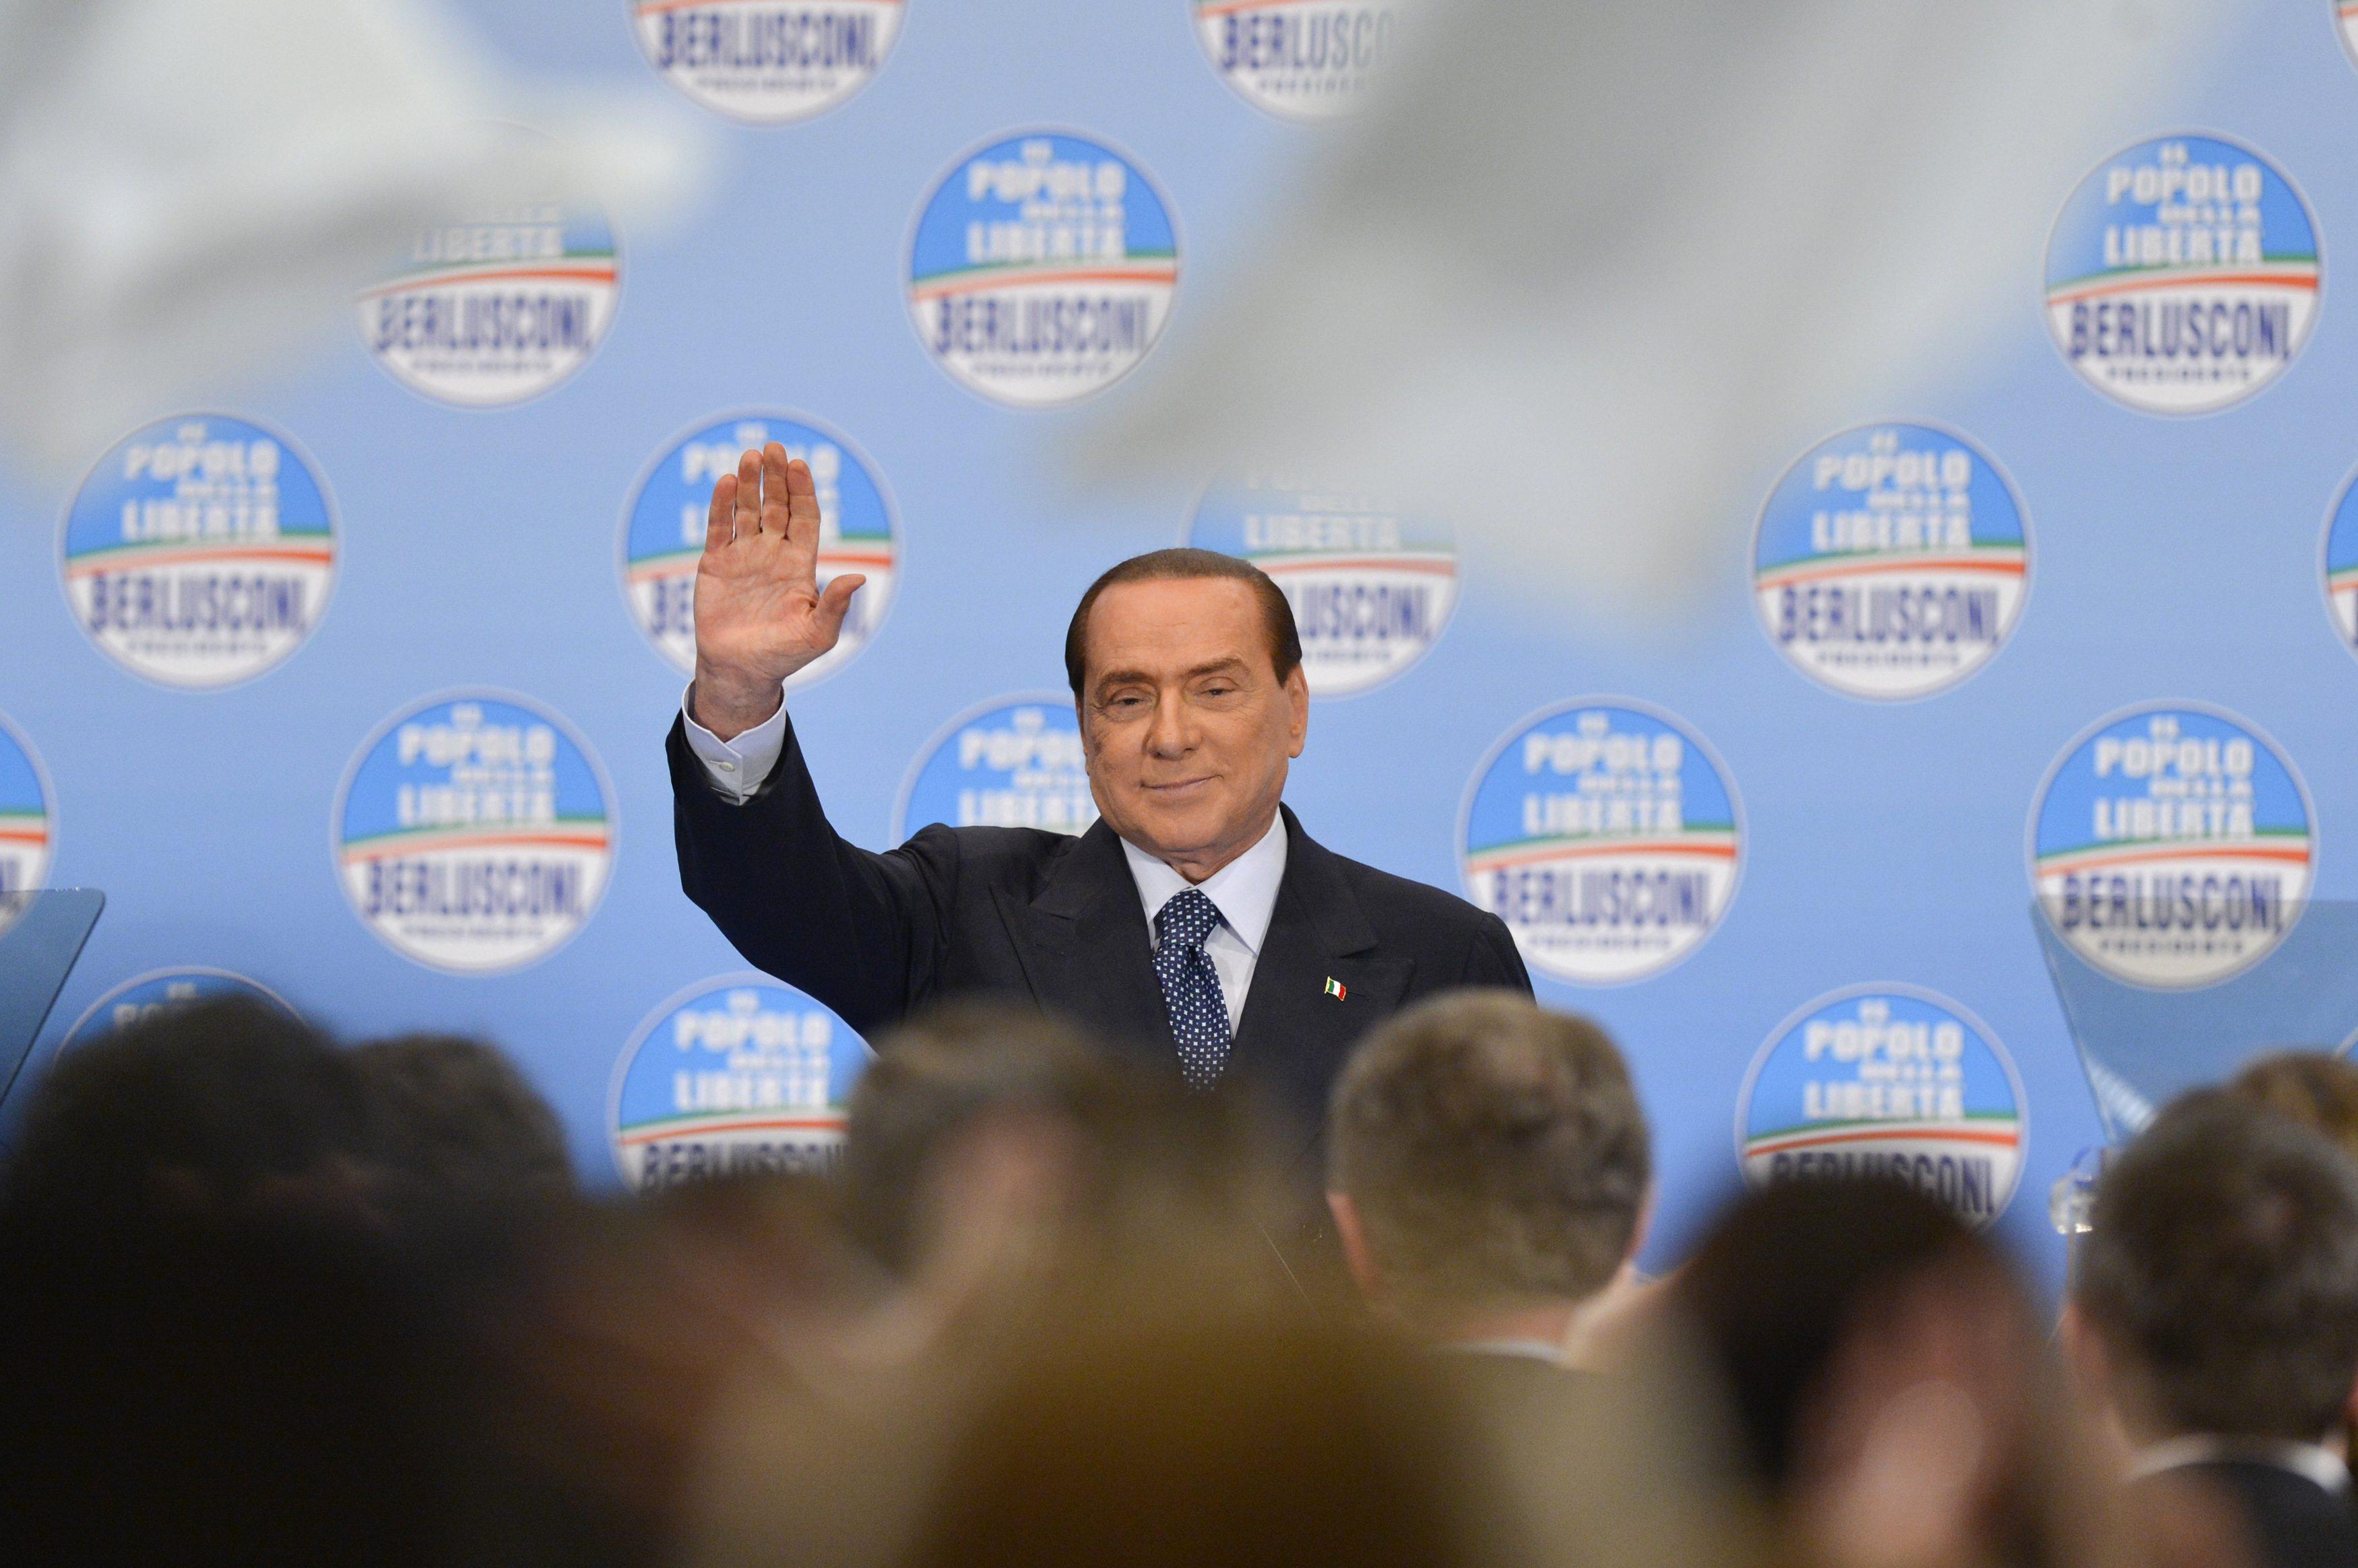 Berlusconi Restituiremo Limu Entro Maggio Berlusconi